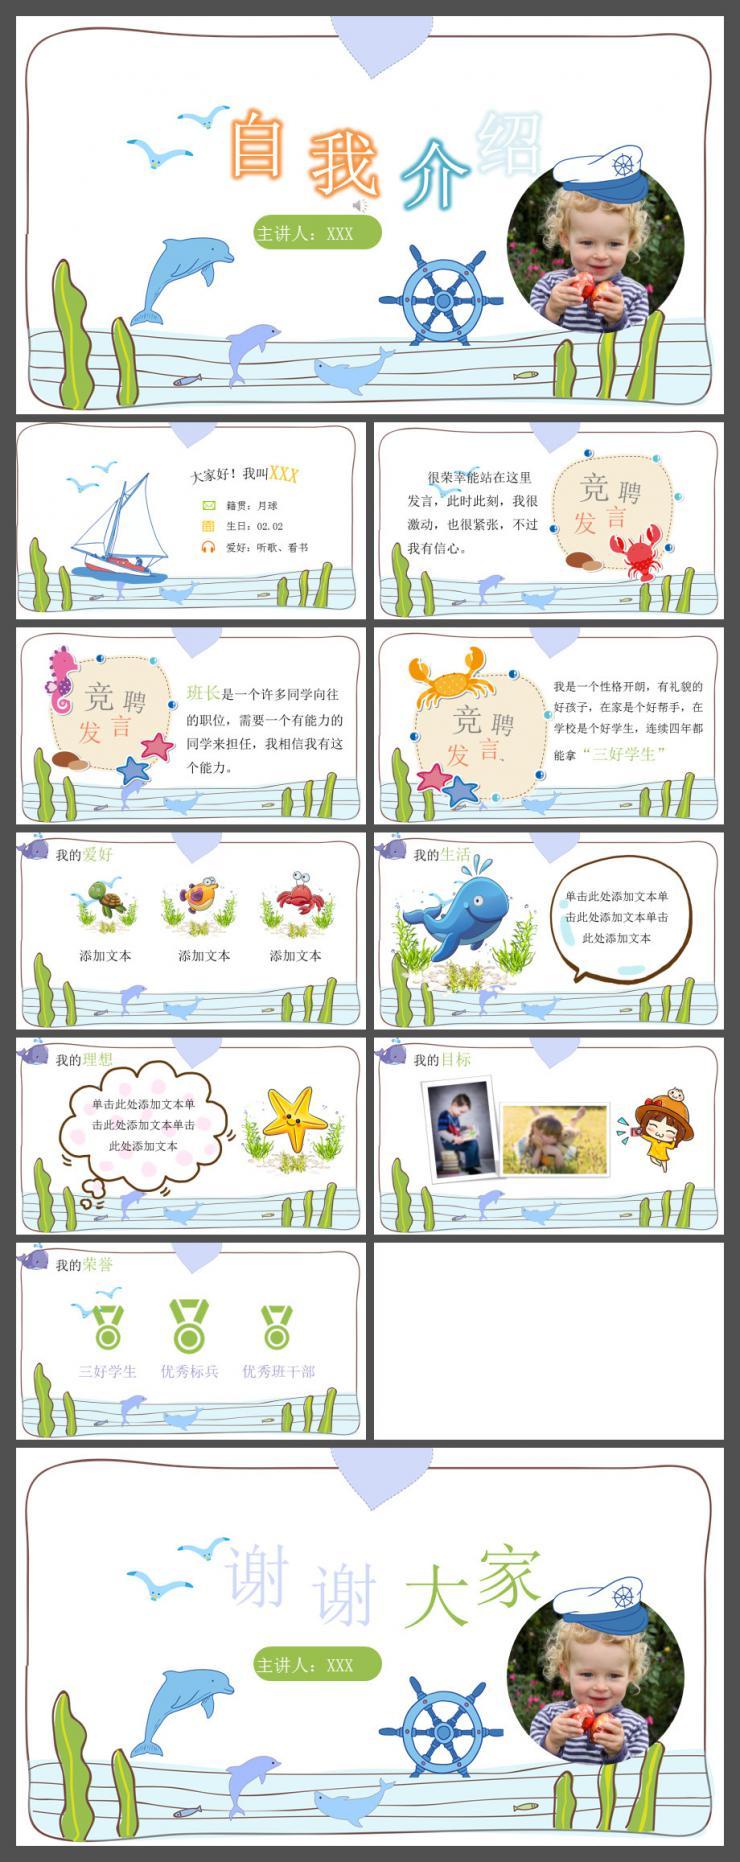 海洋动物卡通儿童自我介绍竞聘PPT模板